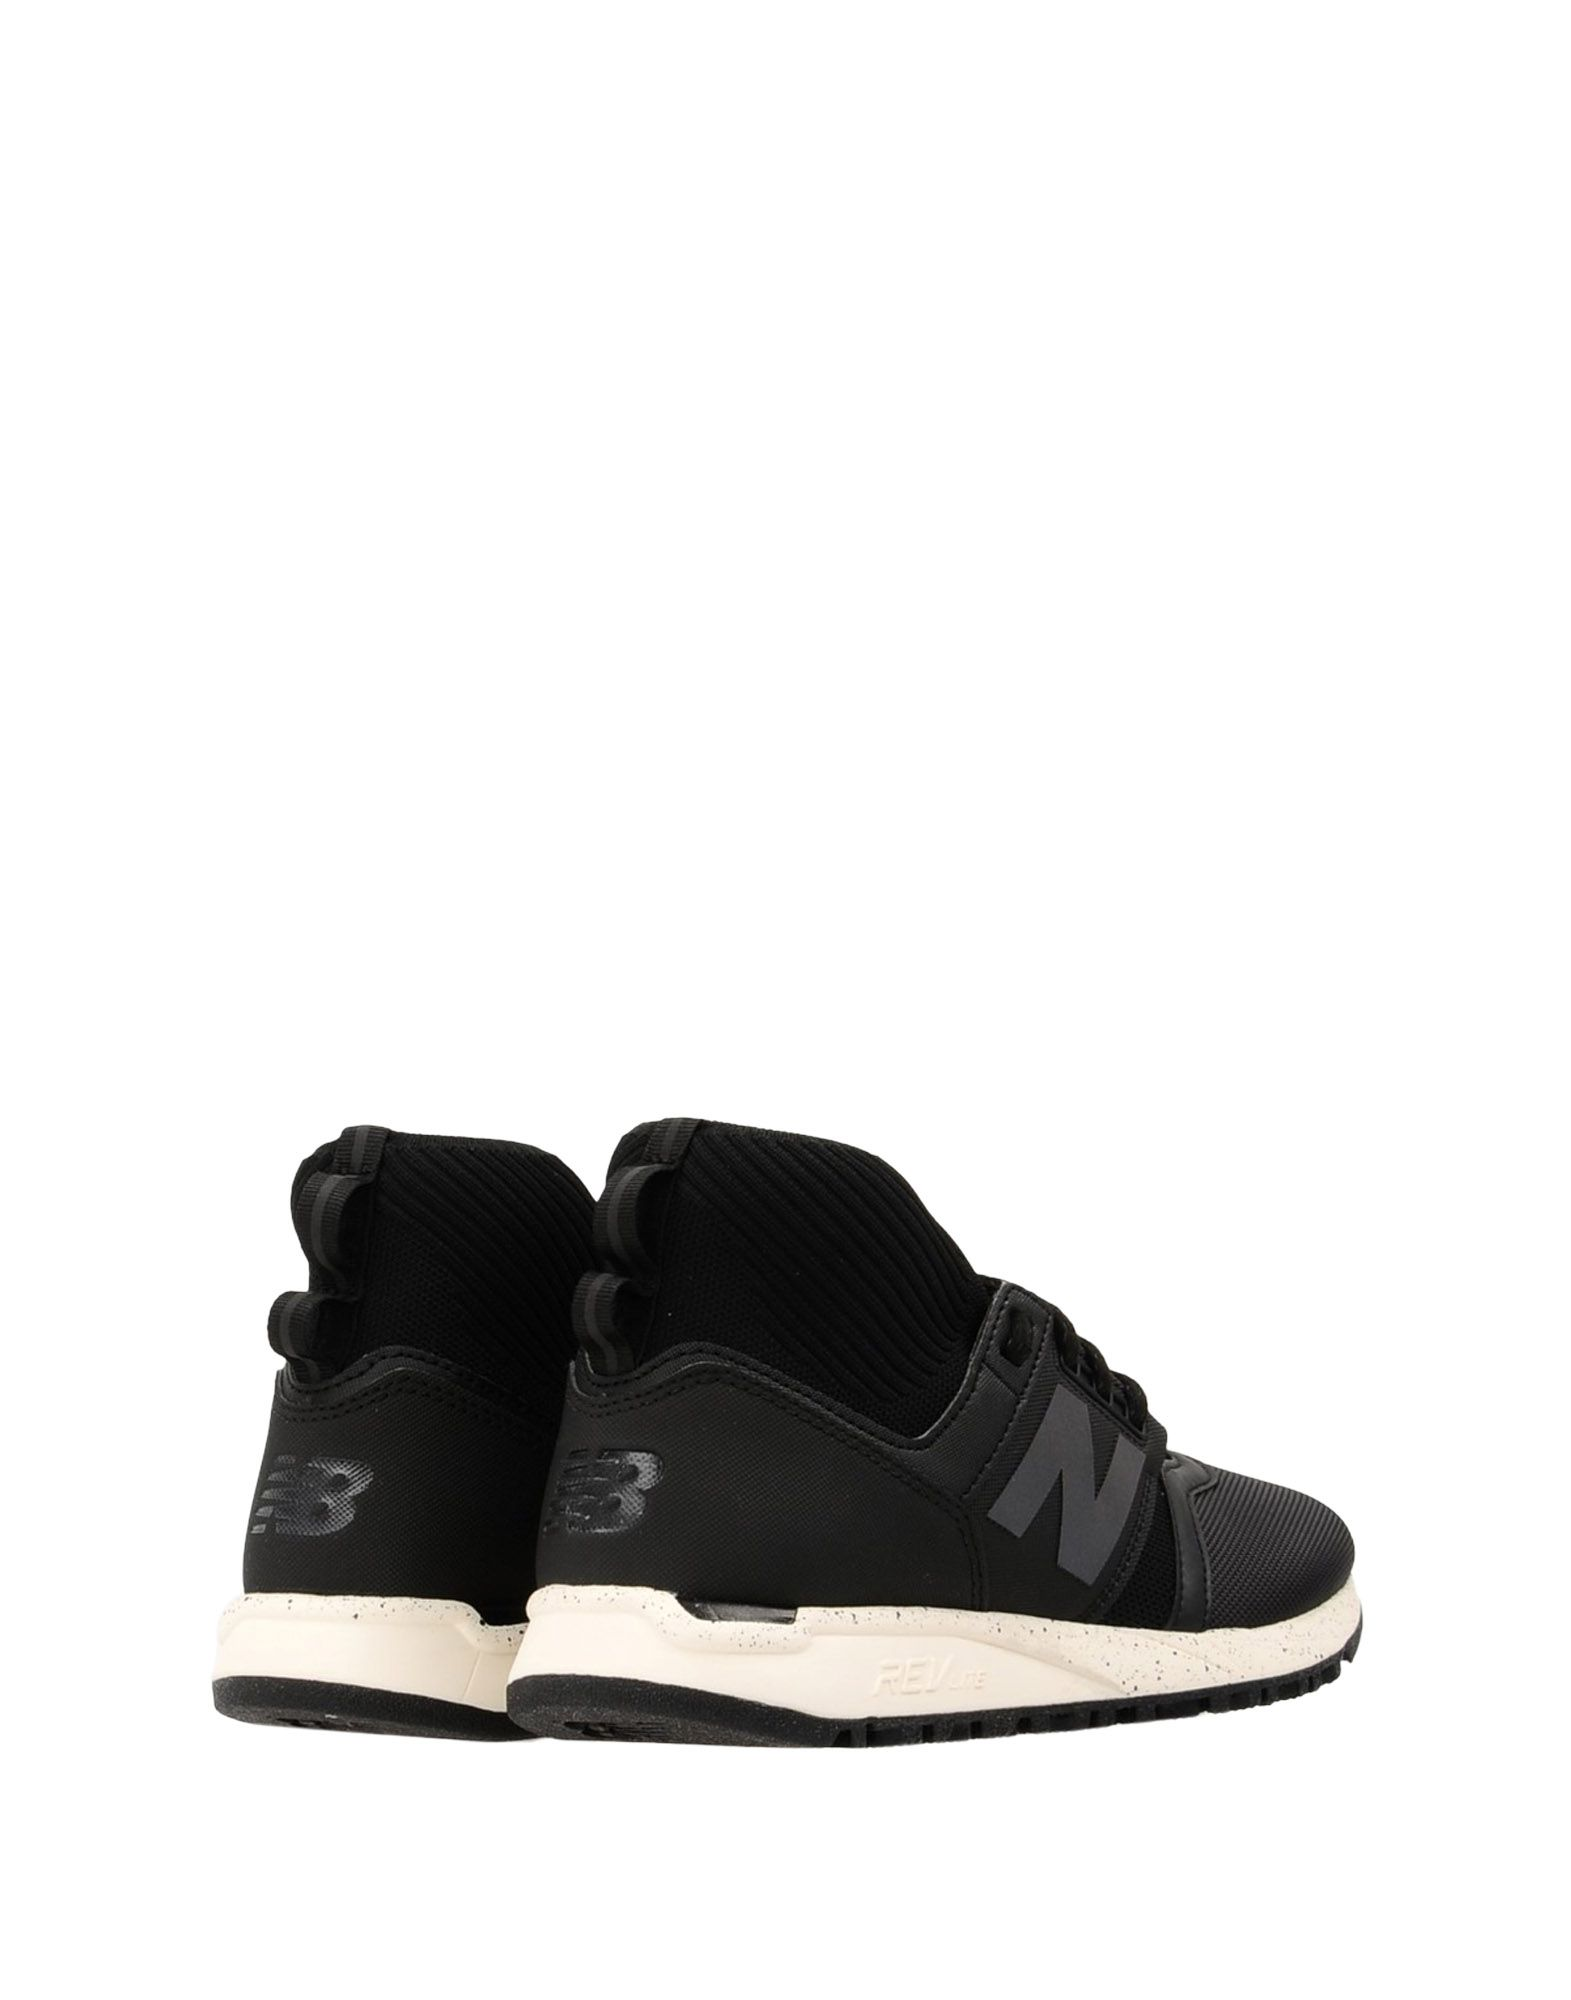 New Balance 247 Boot  11393081NL Gute Qualität beliebte beliebte beliebte Schuhe 3e4846